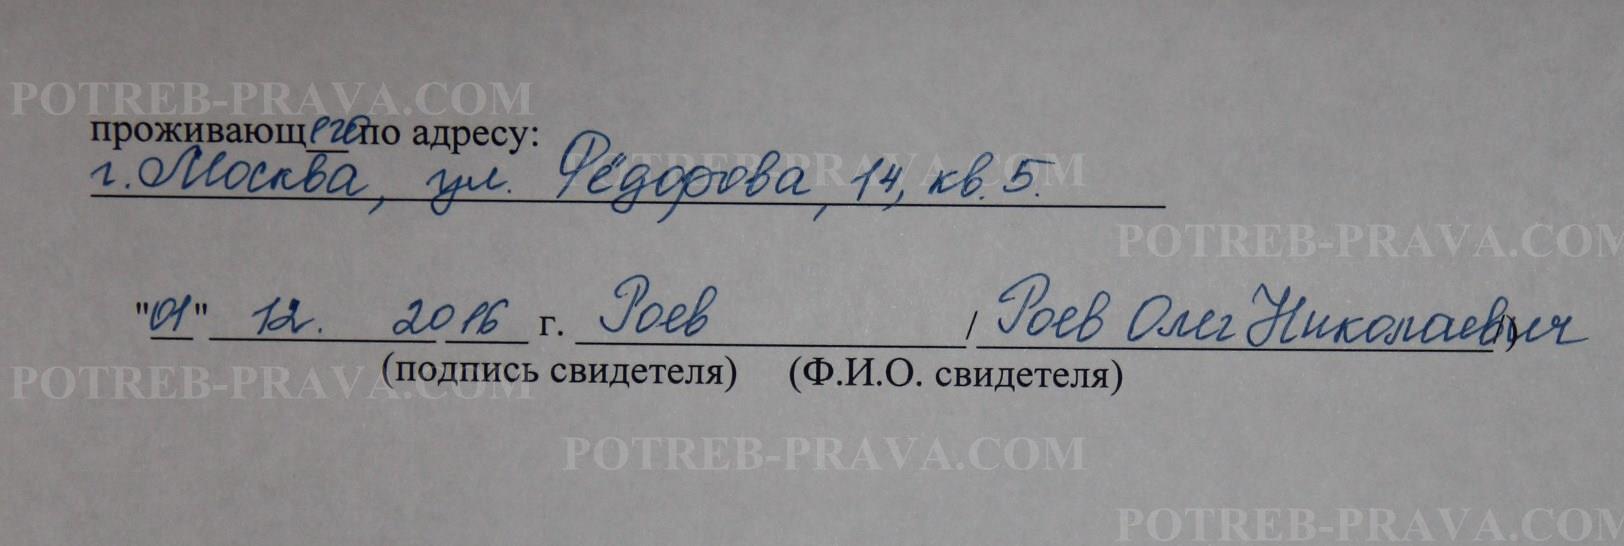 Образец заполнения расписки в получении суммы займа